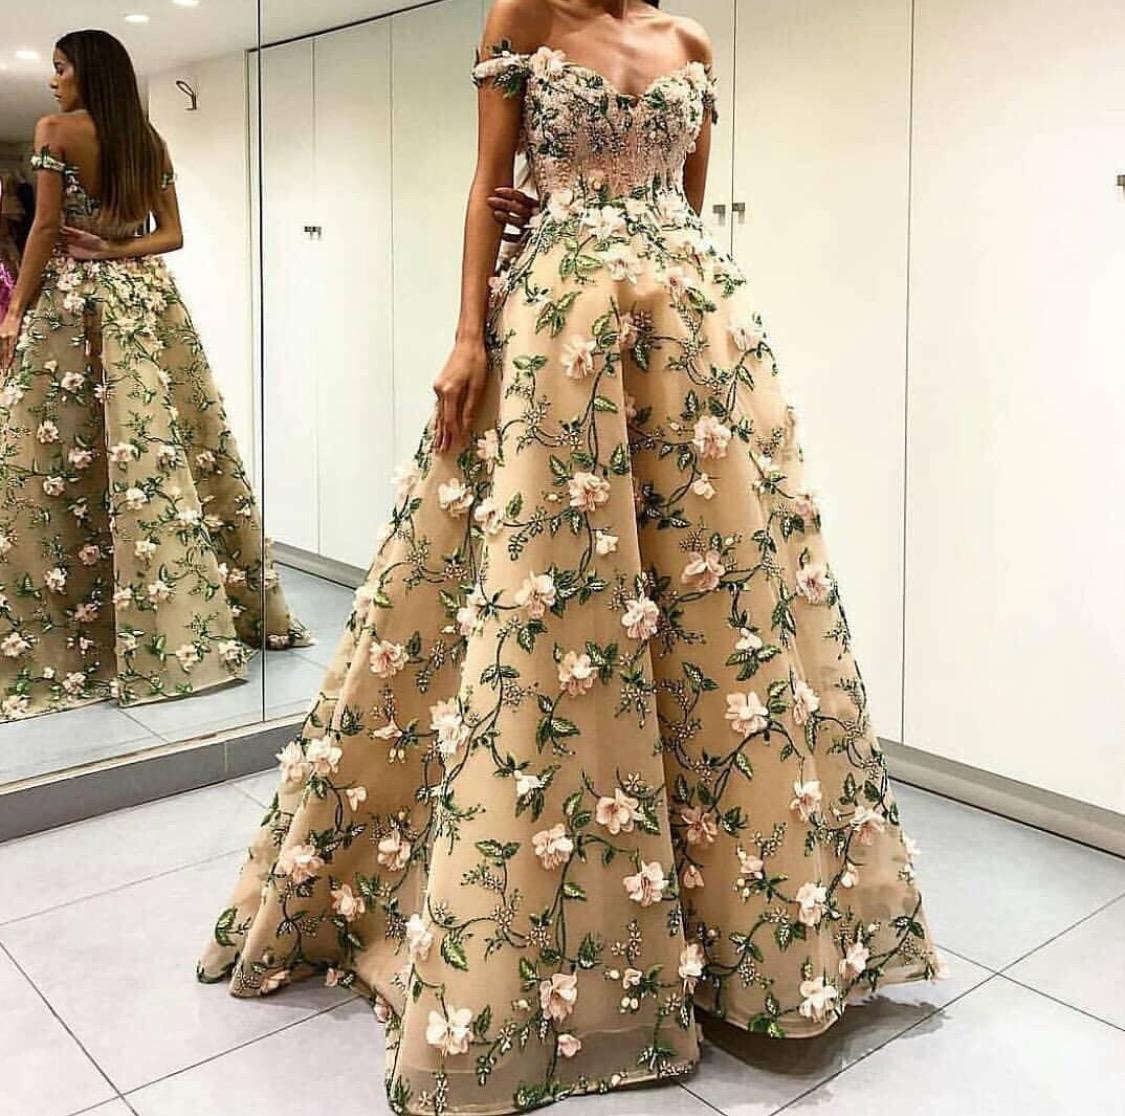 Floral appliqué dress